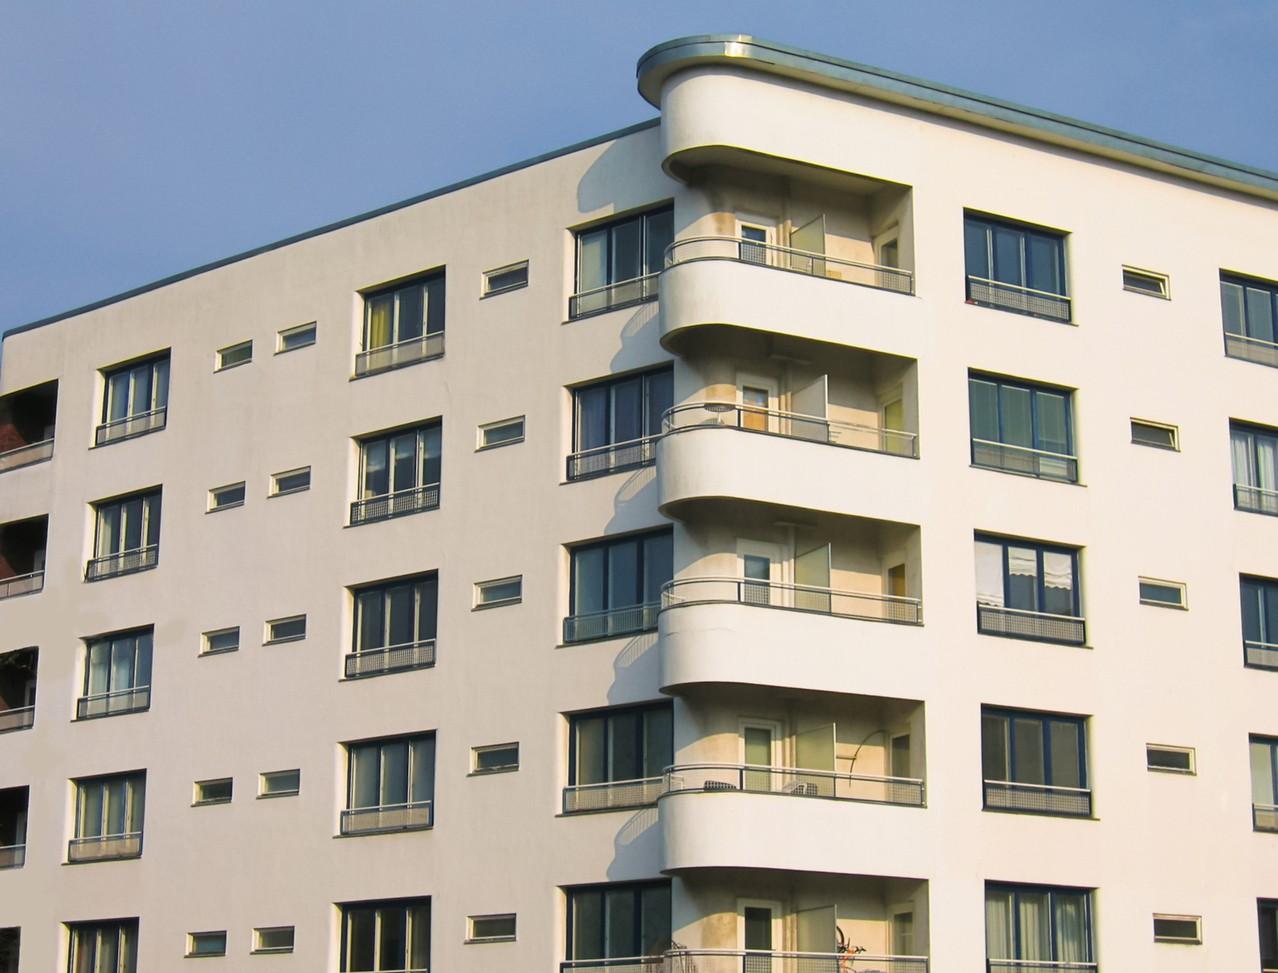 Drogie mieszkania i ich mieszkańcy